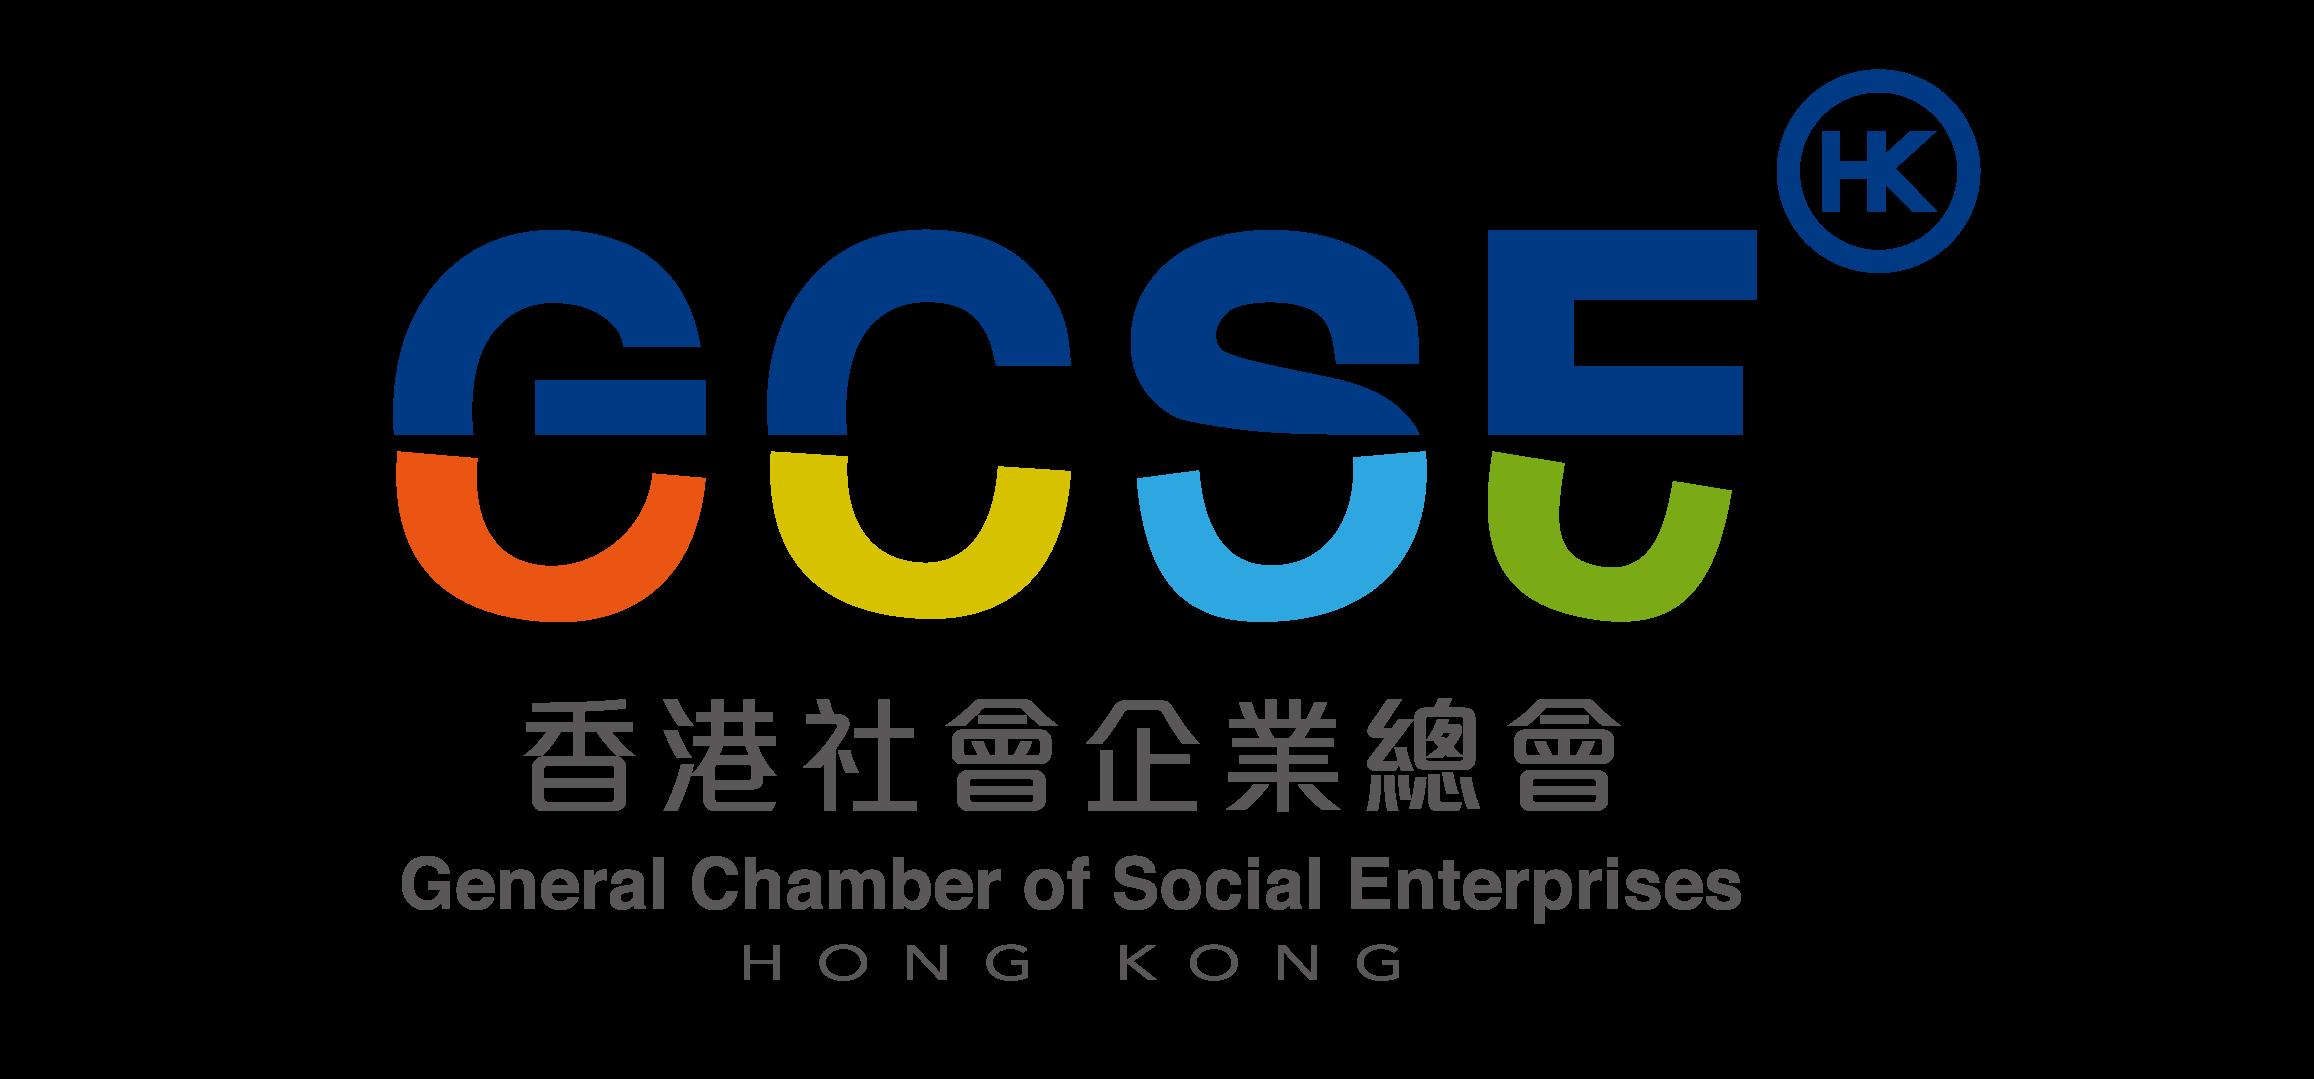 香港社會企業總會